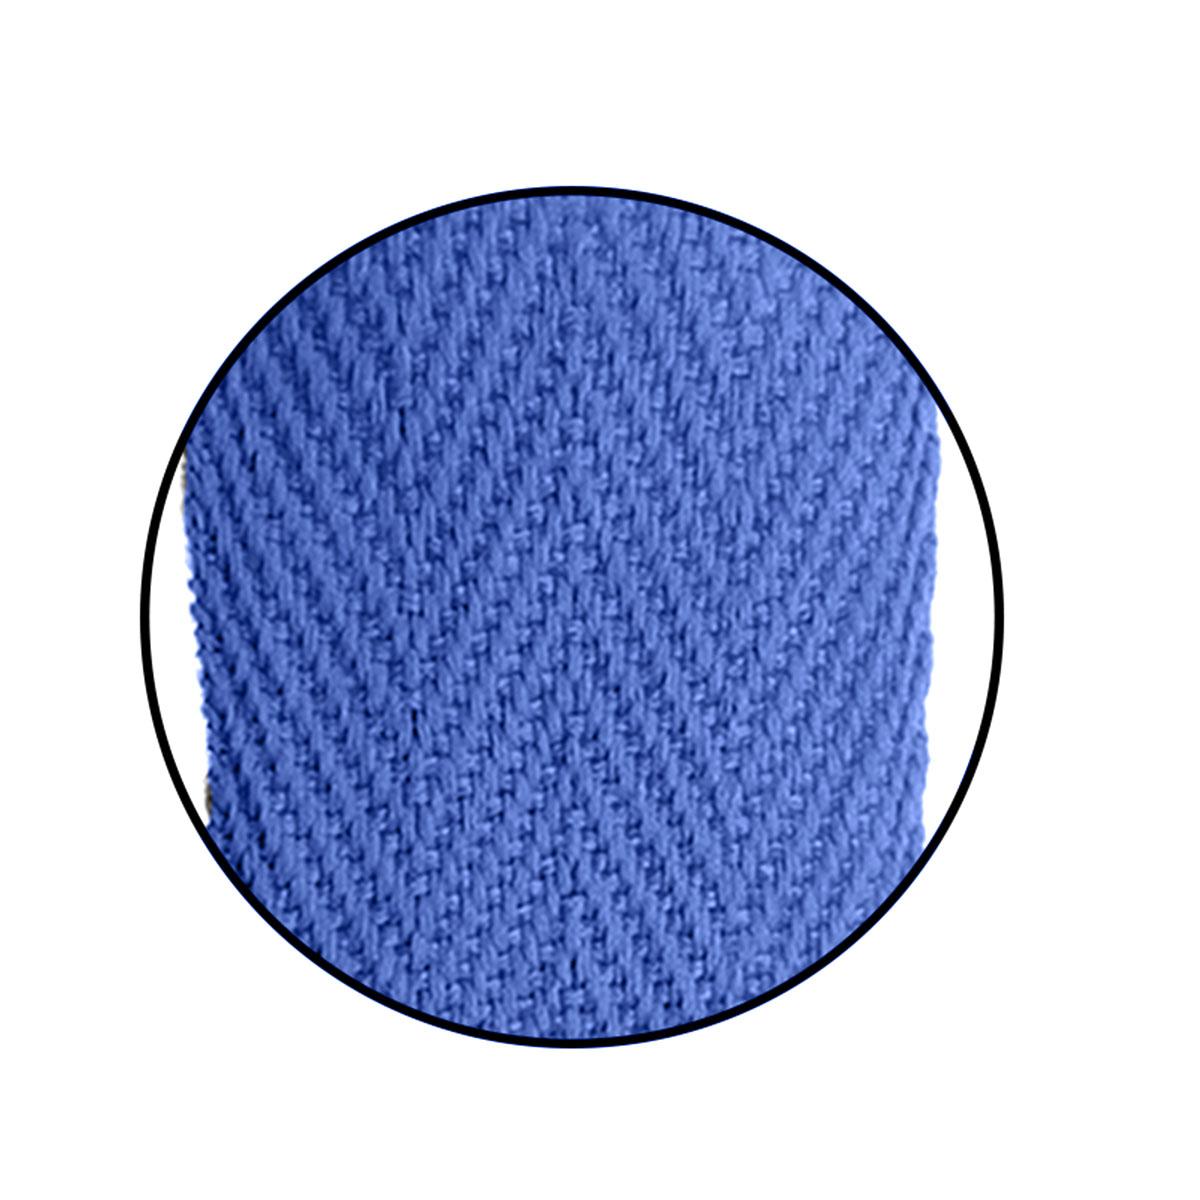 Alça Gorgurão (Escama) 25mm x 37 cm - Com Ponteira de Acetato Cristal (100unidades)